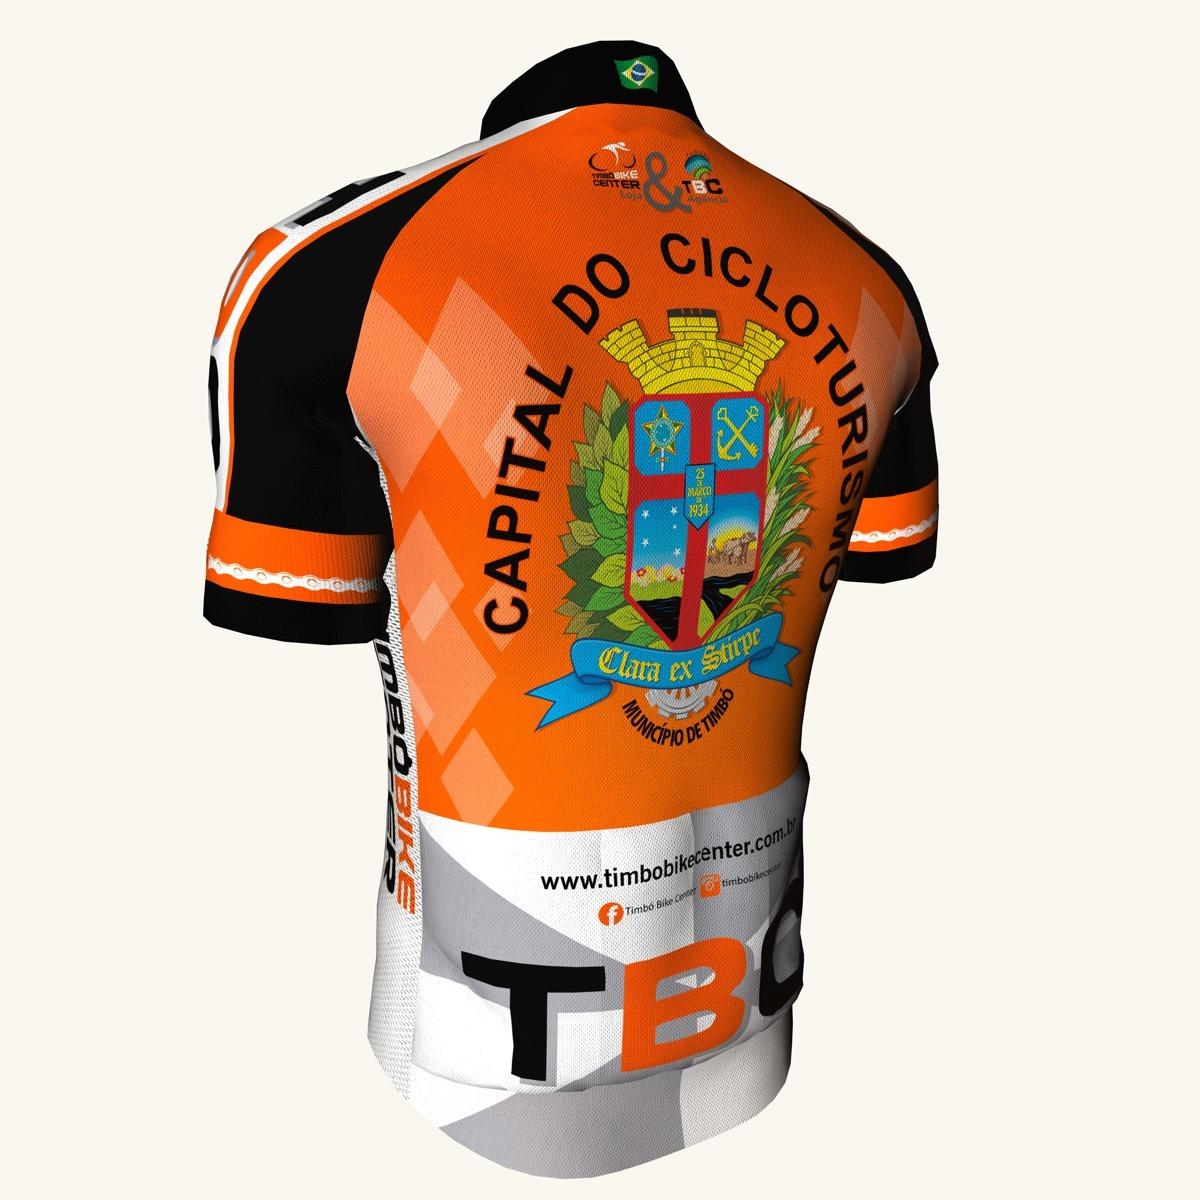 Camisa de Ciclismo Manga Curta TBC Timbó Bike Center Capital do Cicloturismo Unissex